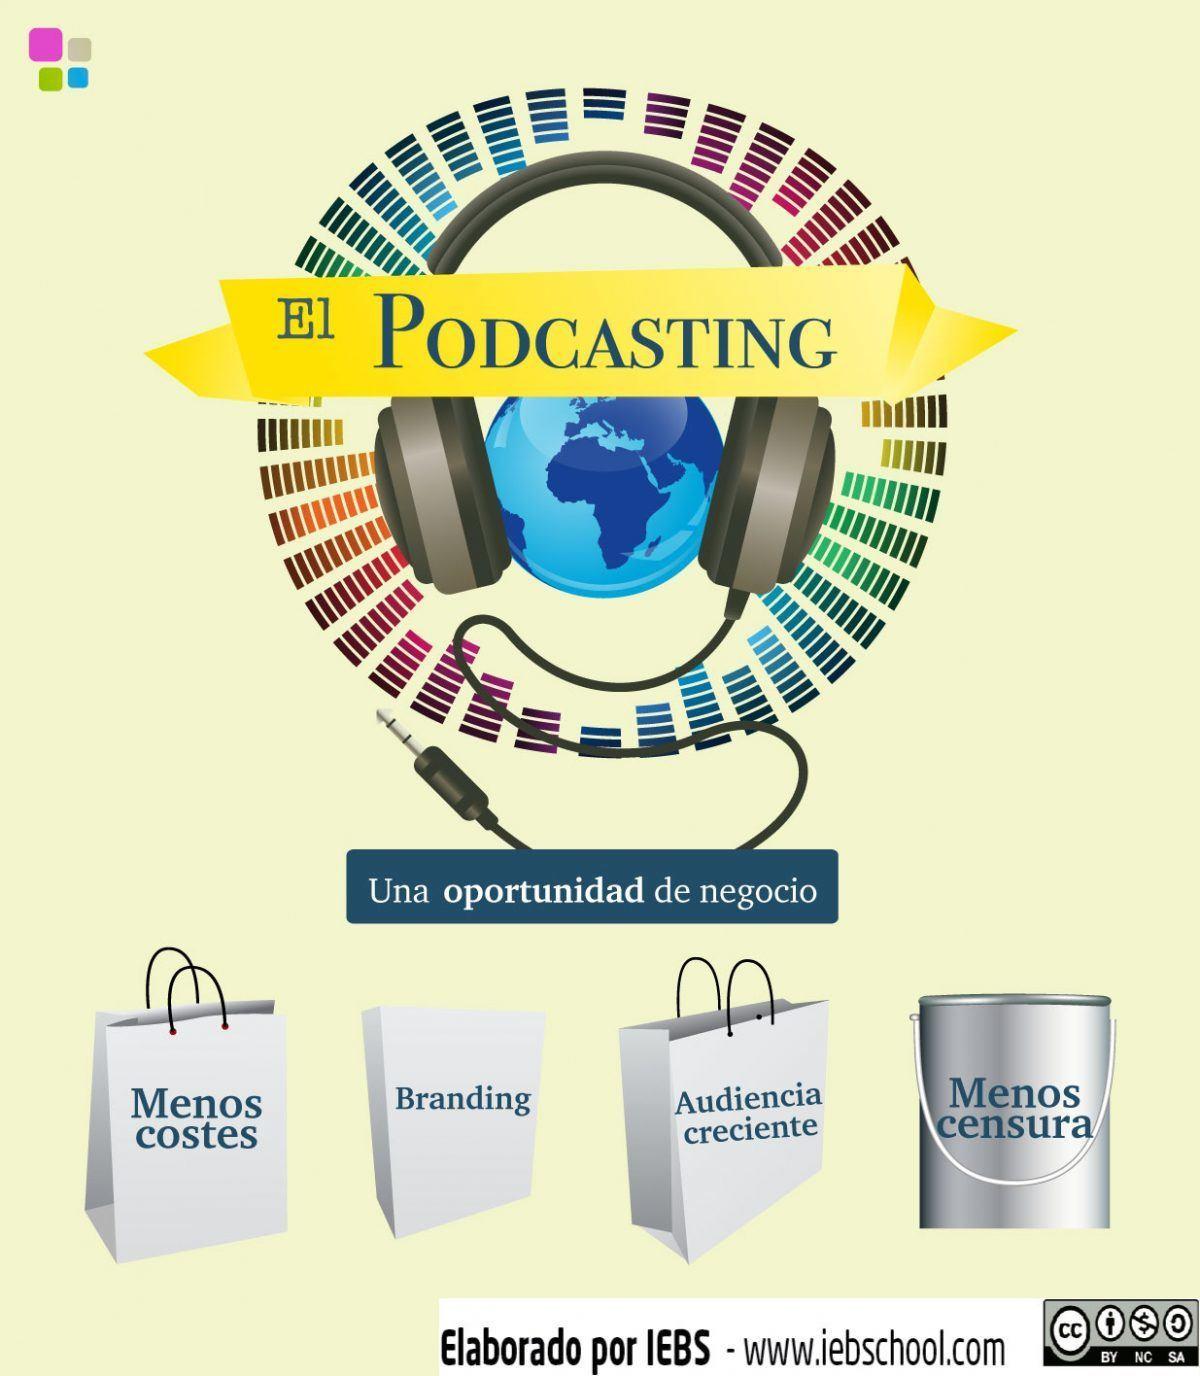 El podcasting: una oportunidad de negocio